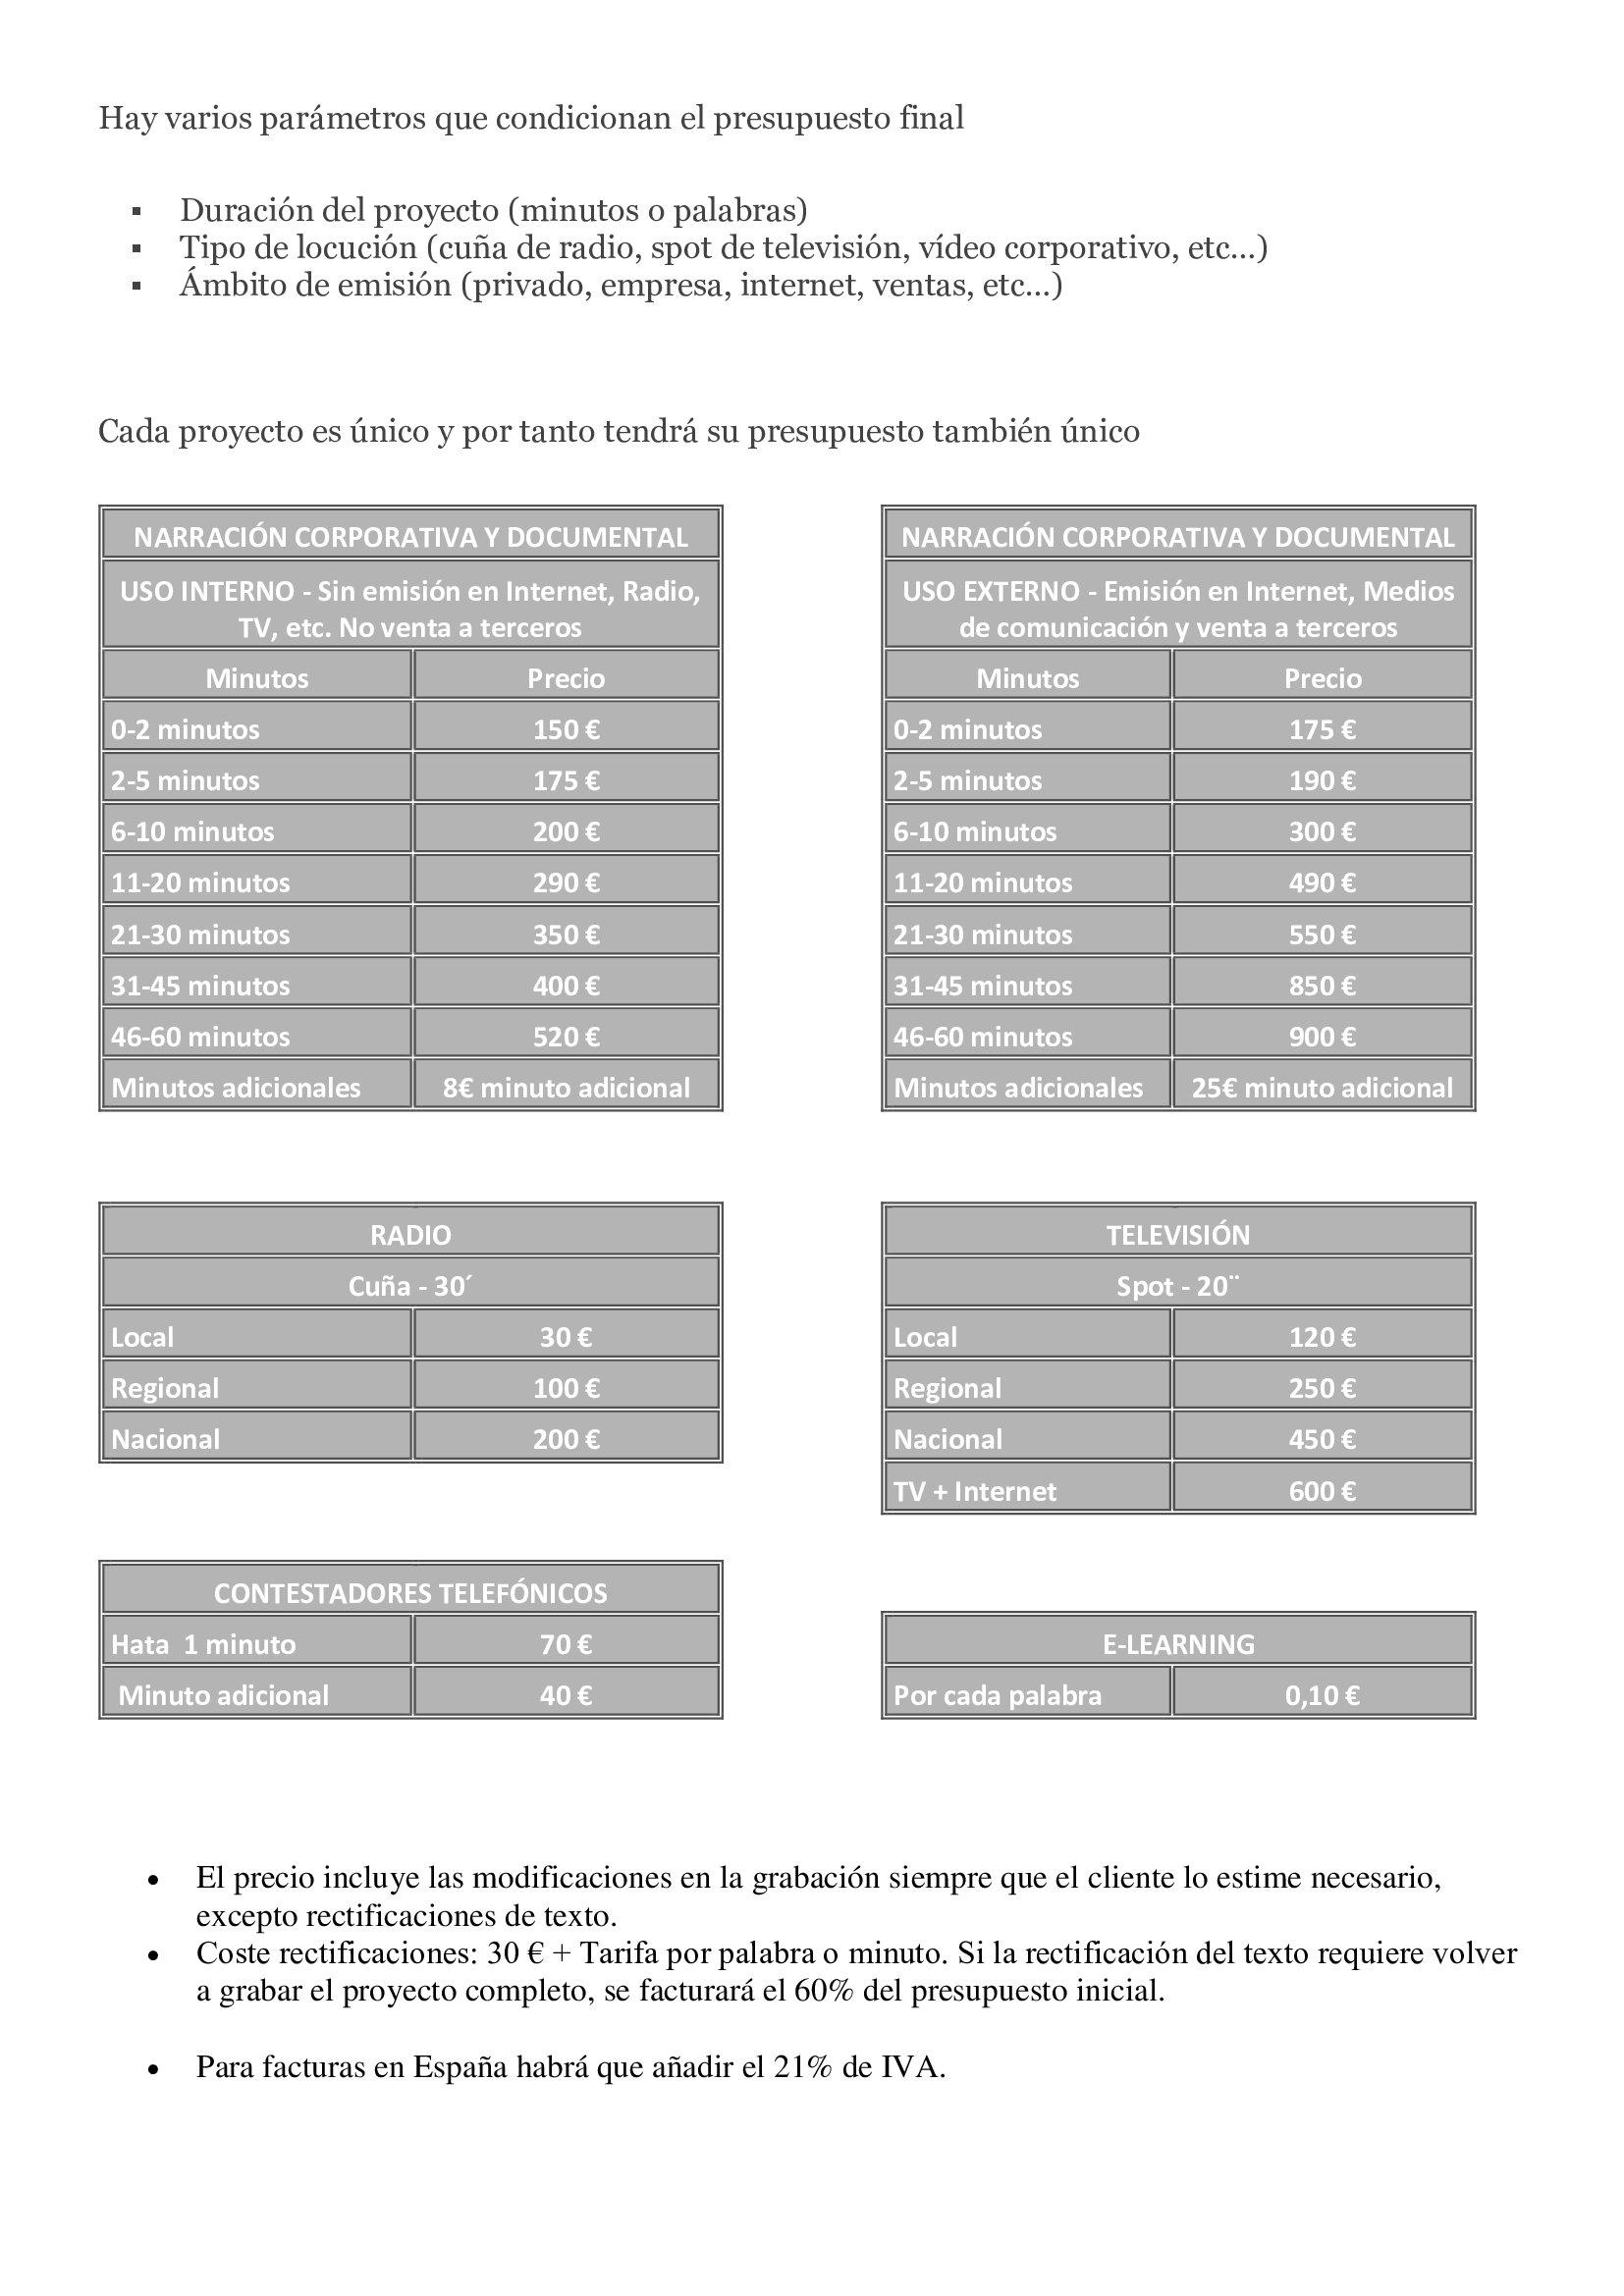 TARIFAS-2016-SABELA-LOCUCIONES